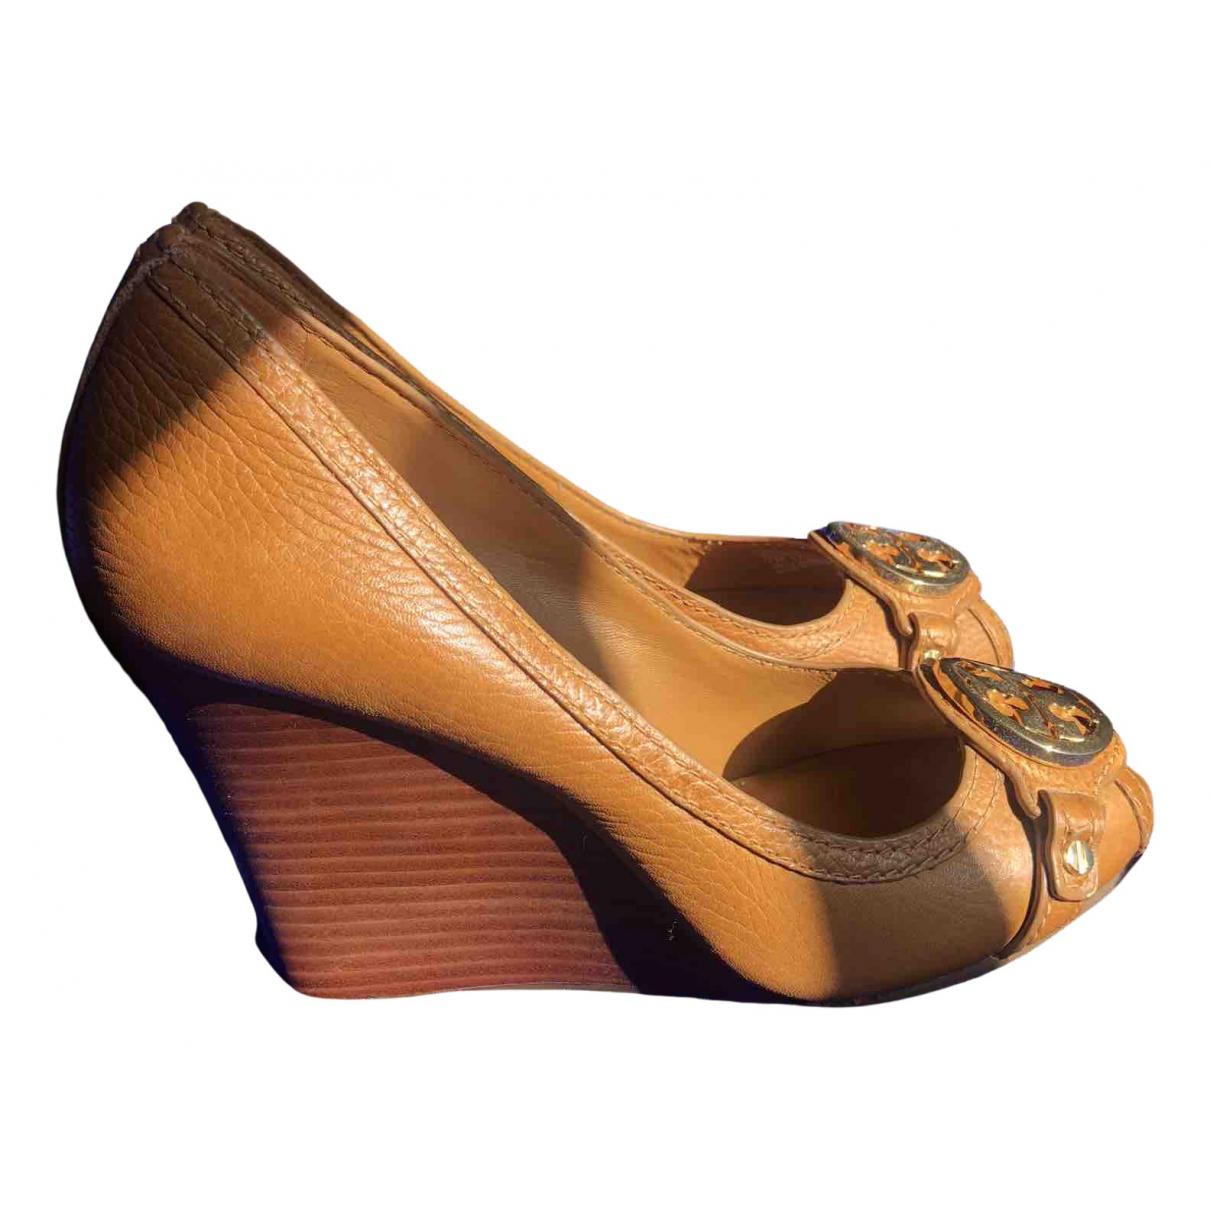 Tory Burch - Sandales   pour femme en cuir - marron